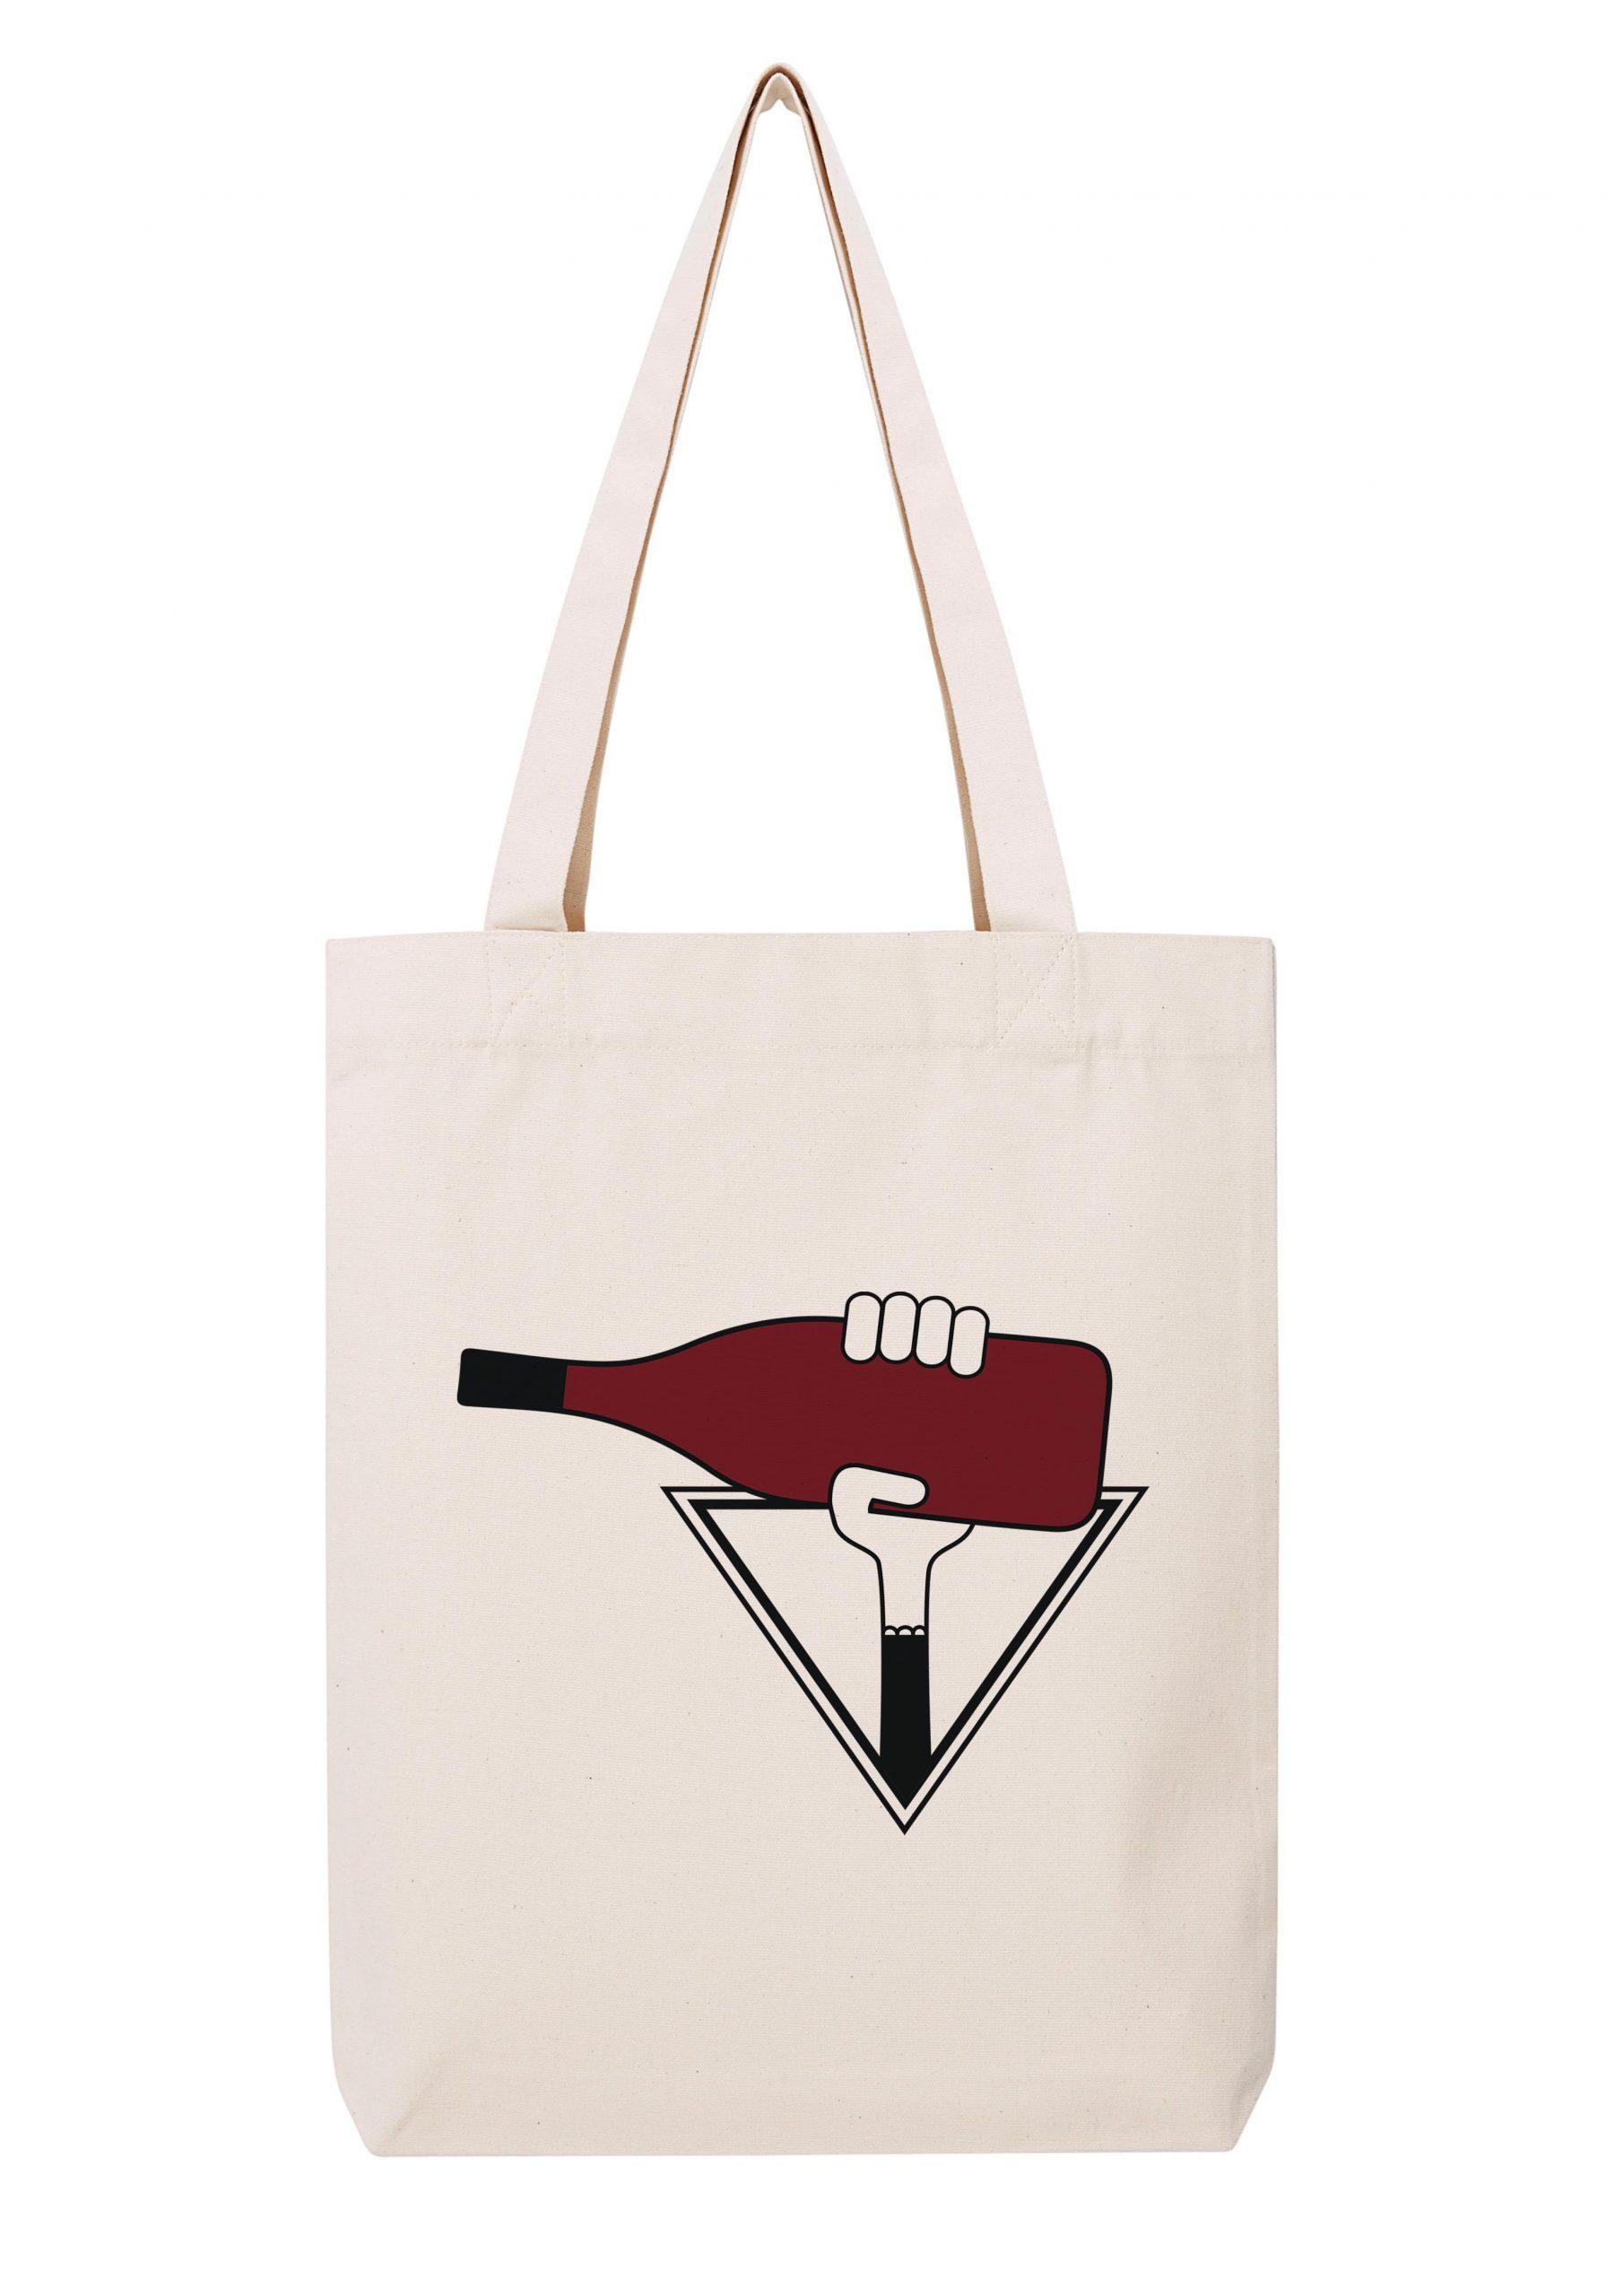 rhone ermitage rouge femme sac coton tote bag bio bocavi du vin dans ta penderie bouteilles viticole vigneron wine